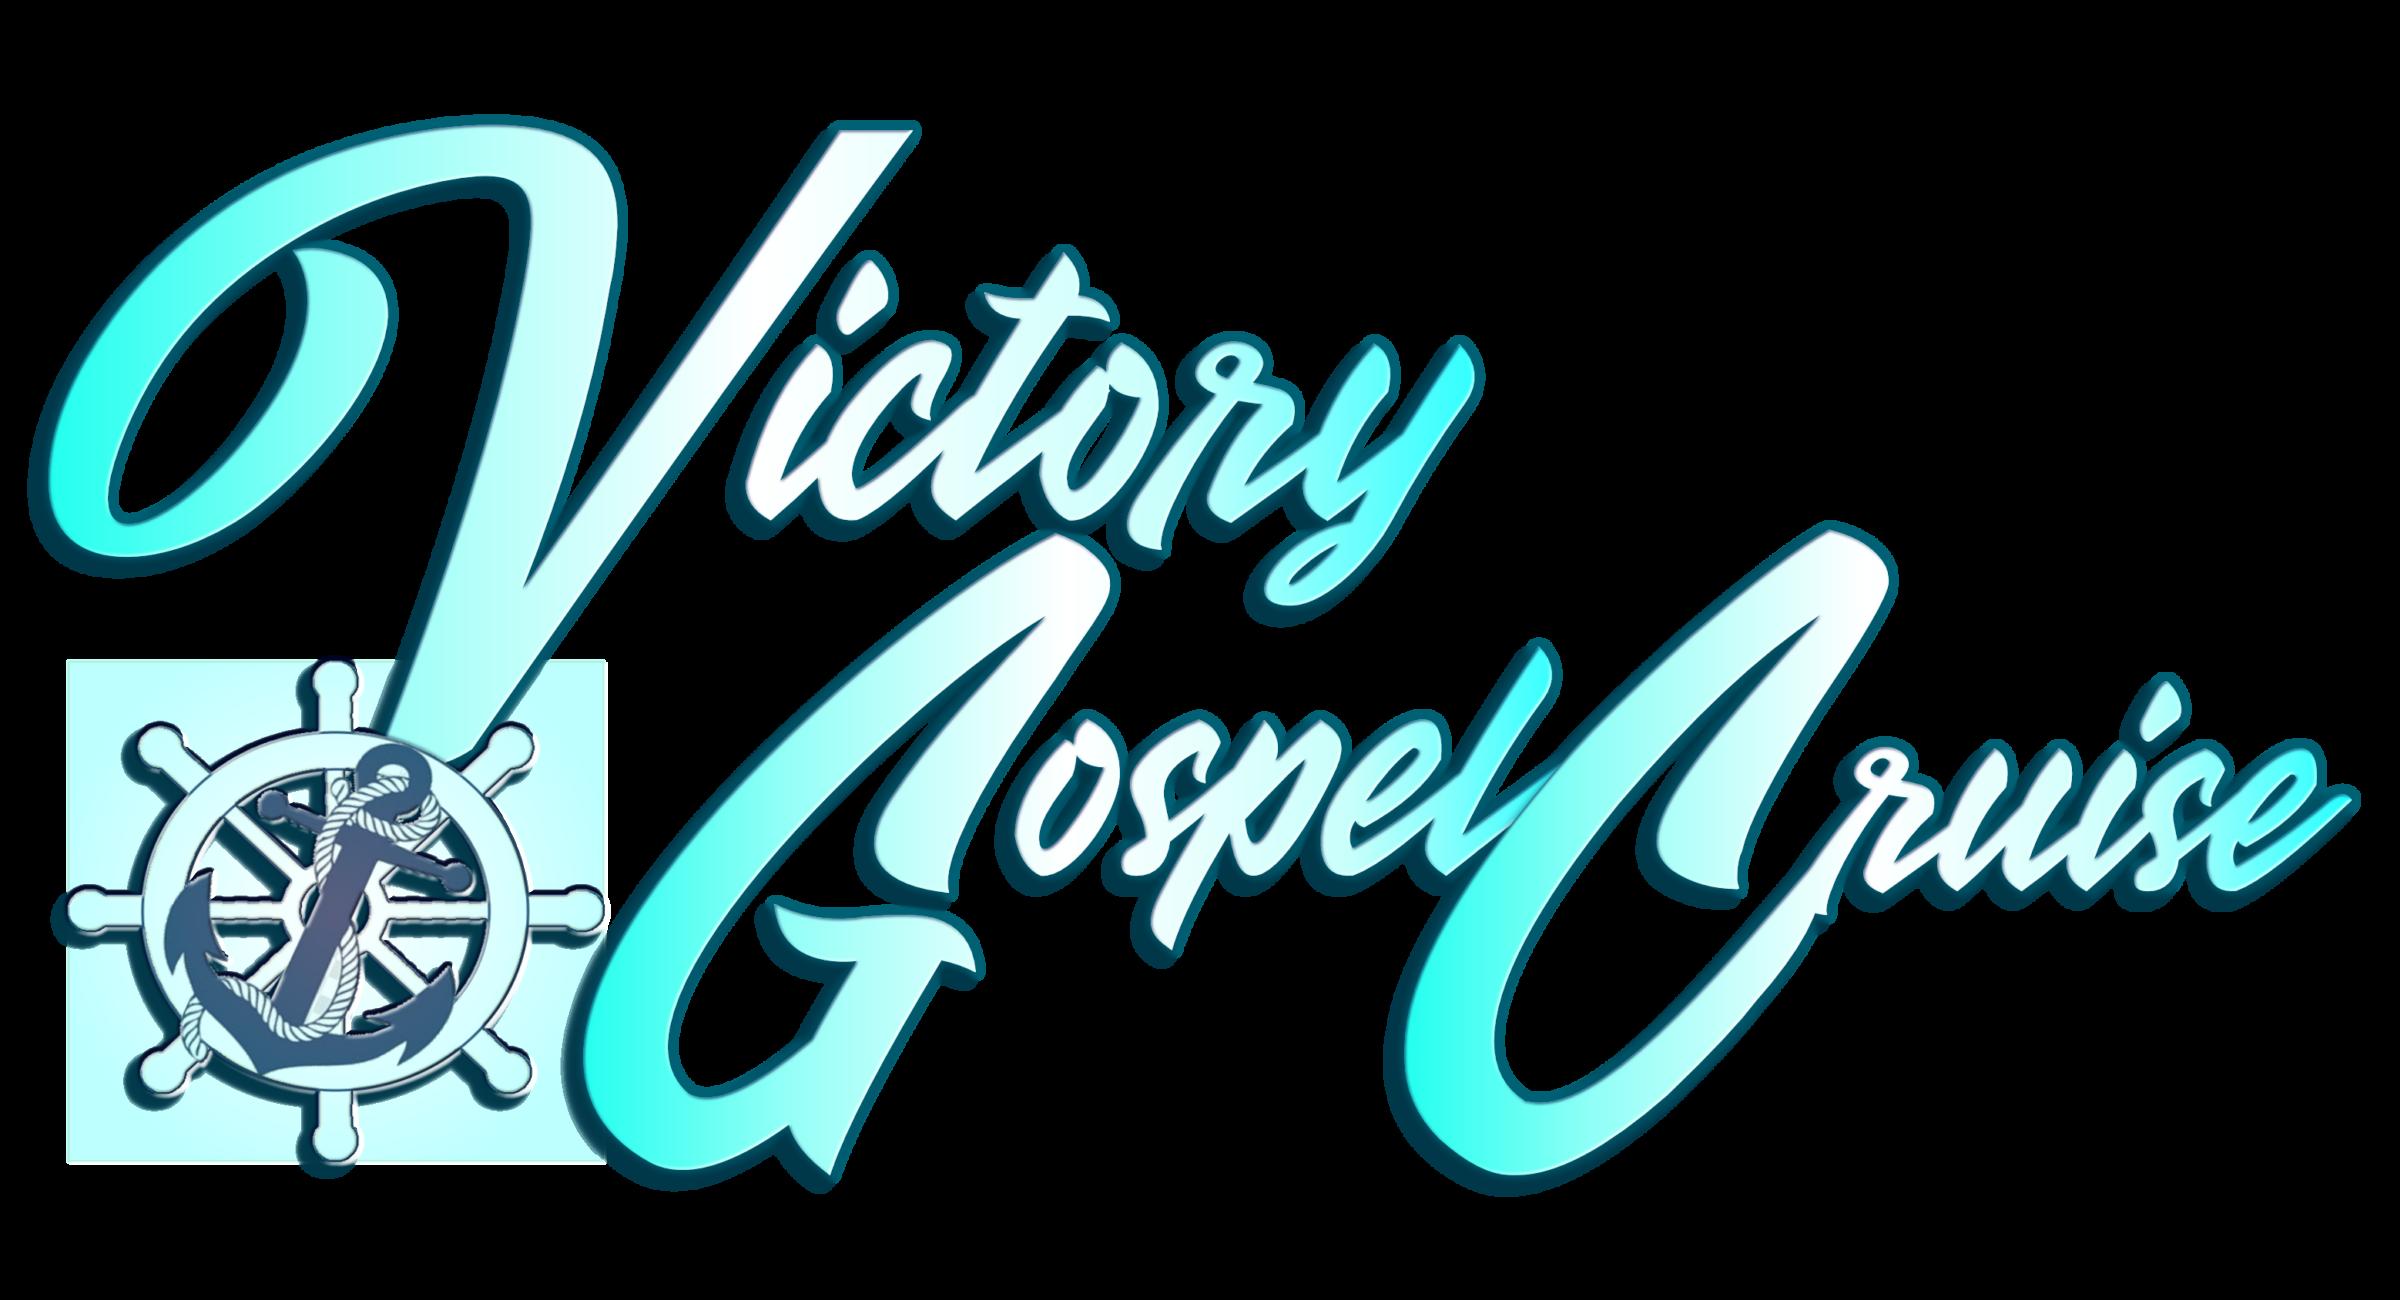 VGC - logo